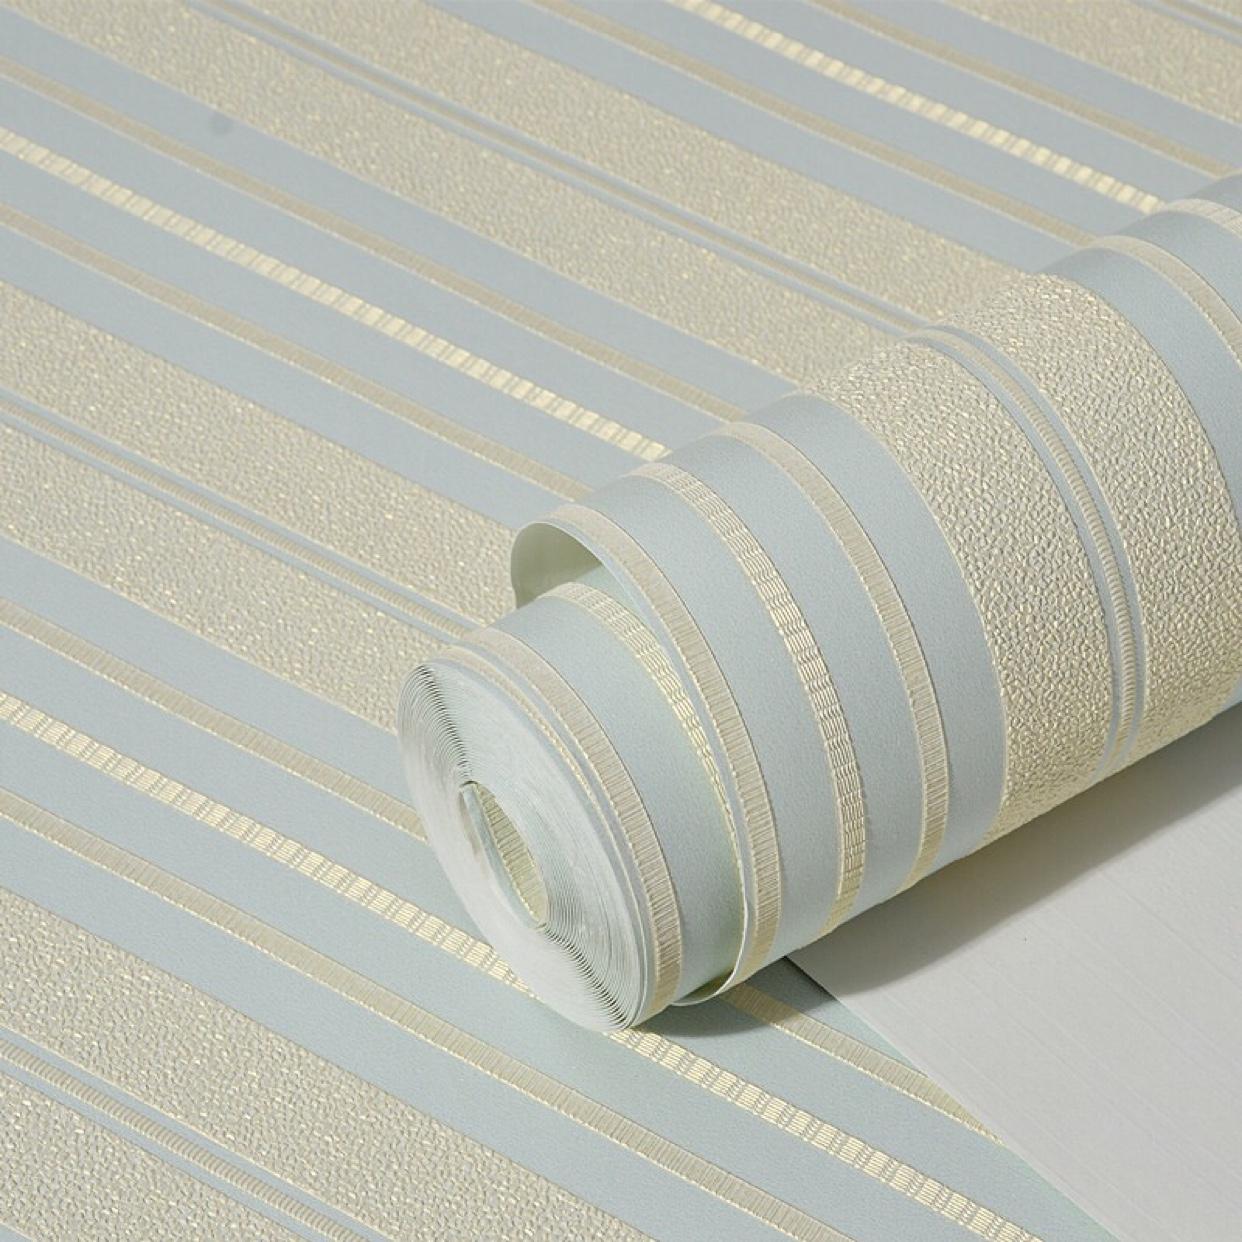 现代简约无纺布墙纸 3D精压竖条纹壁纸卧室客厅电视背景墙壁纸